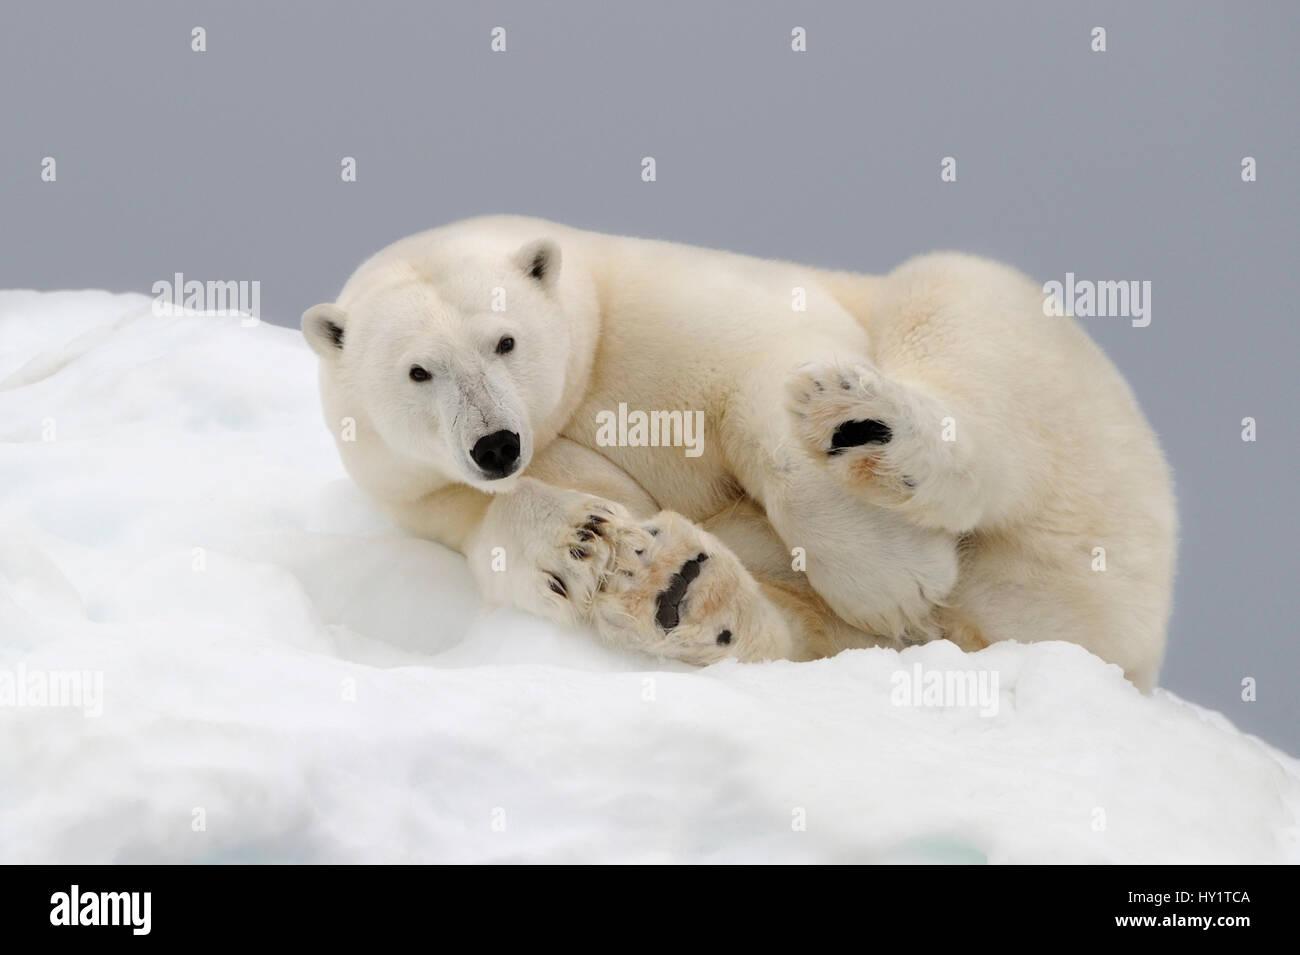 Orso polare (Ursus maritimus) appoggiato su ghiaccio. Svalbard, Norvegia. Specie in via di estinzione. Foto Stock